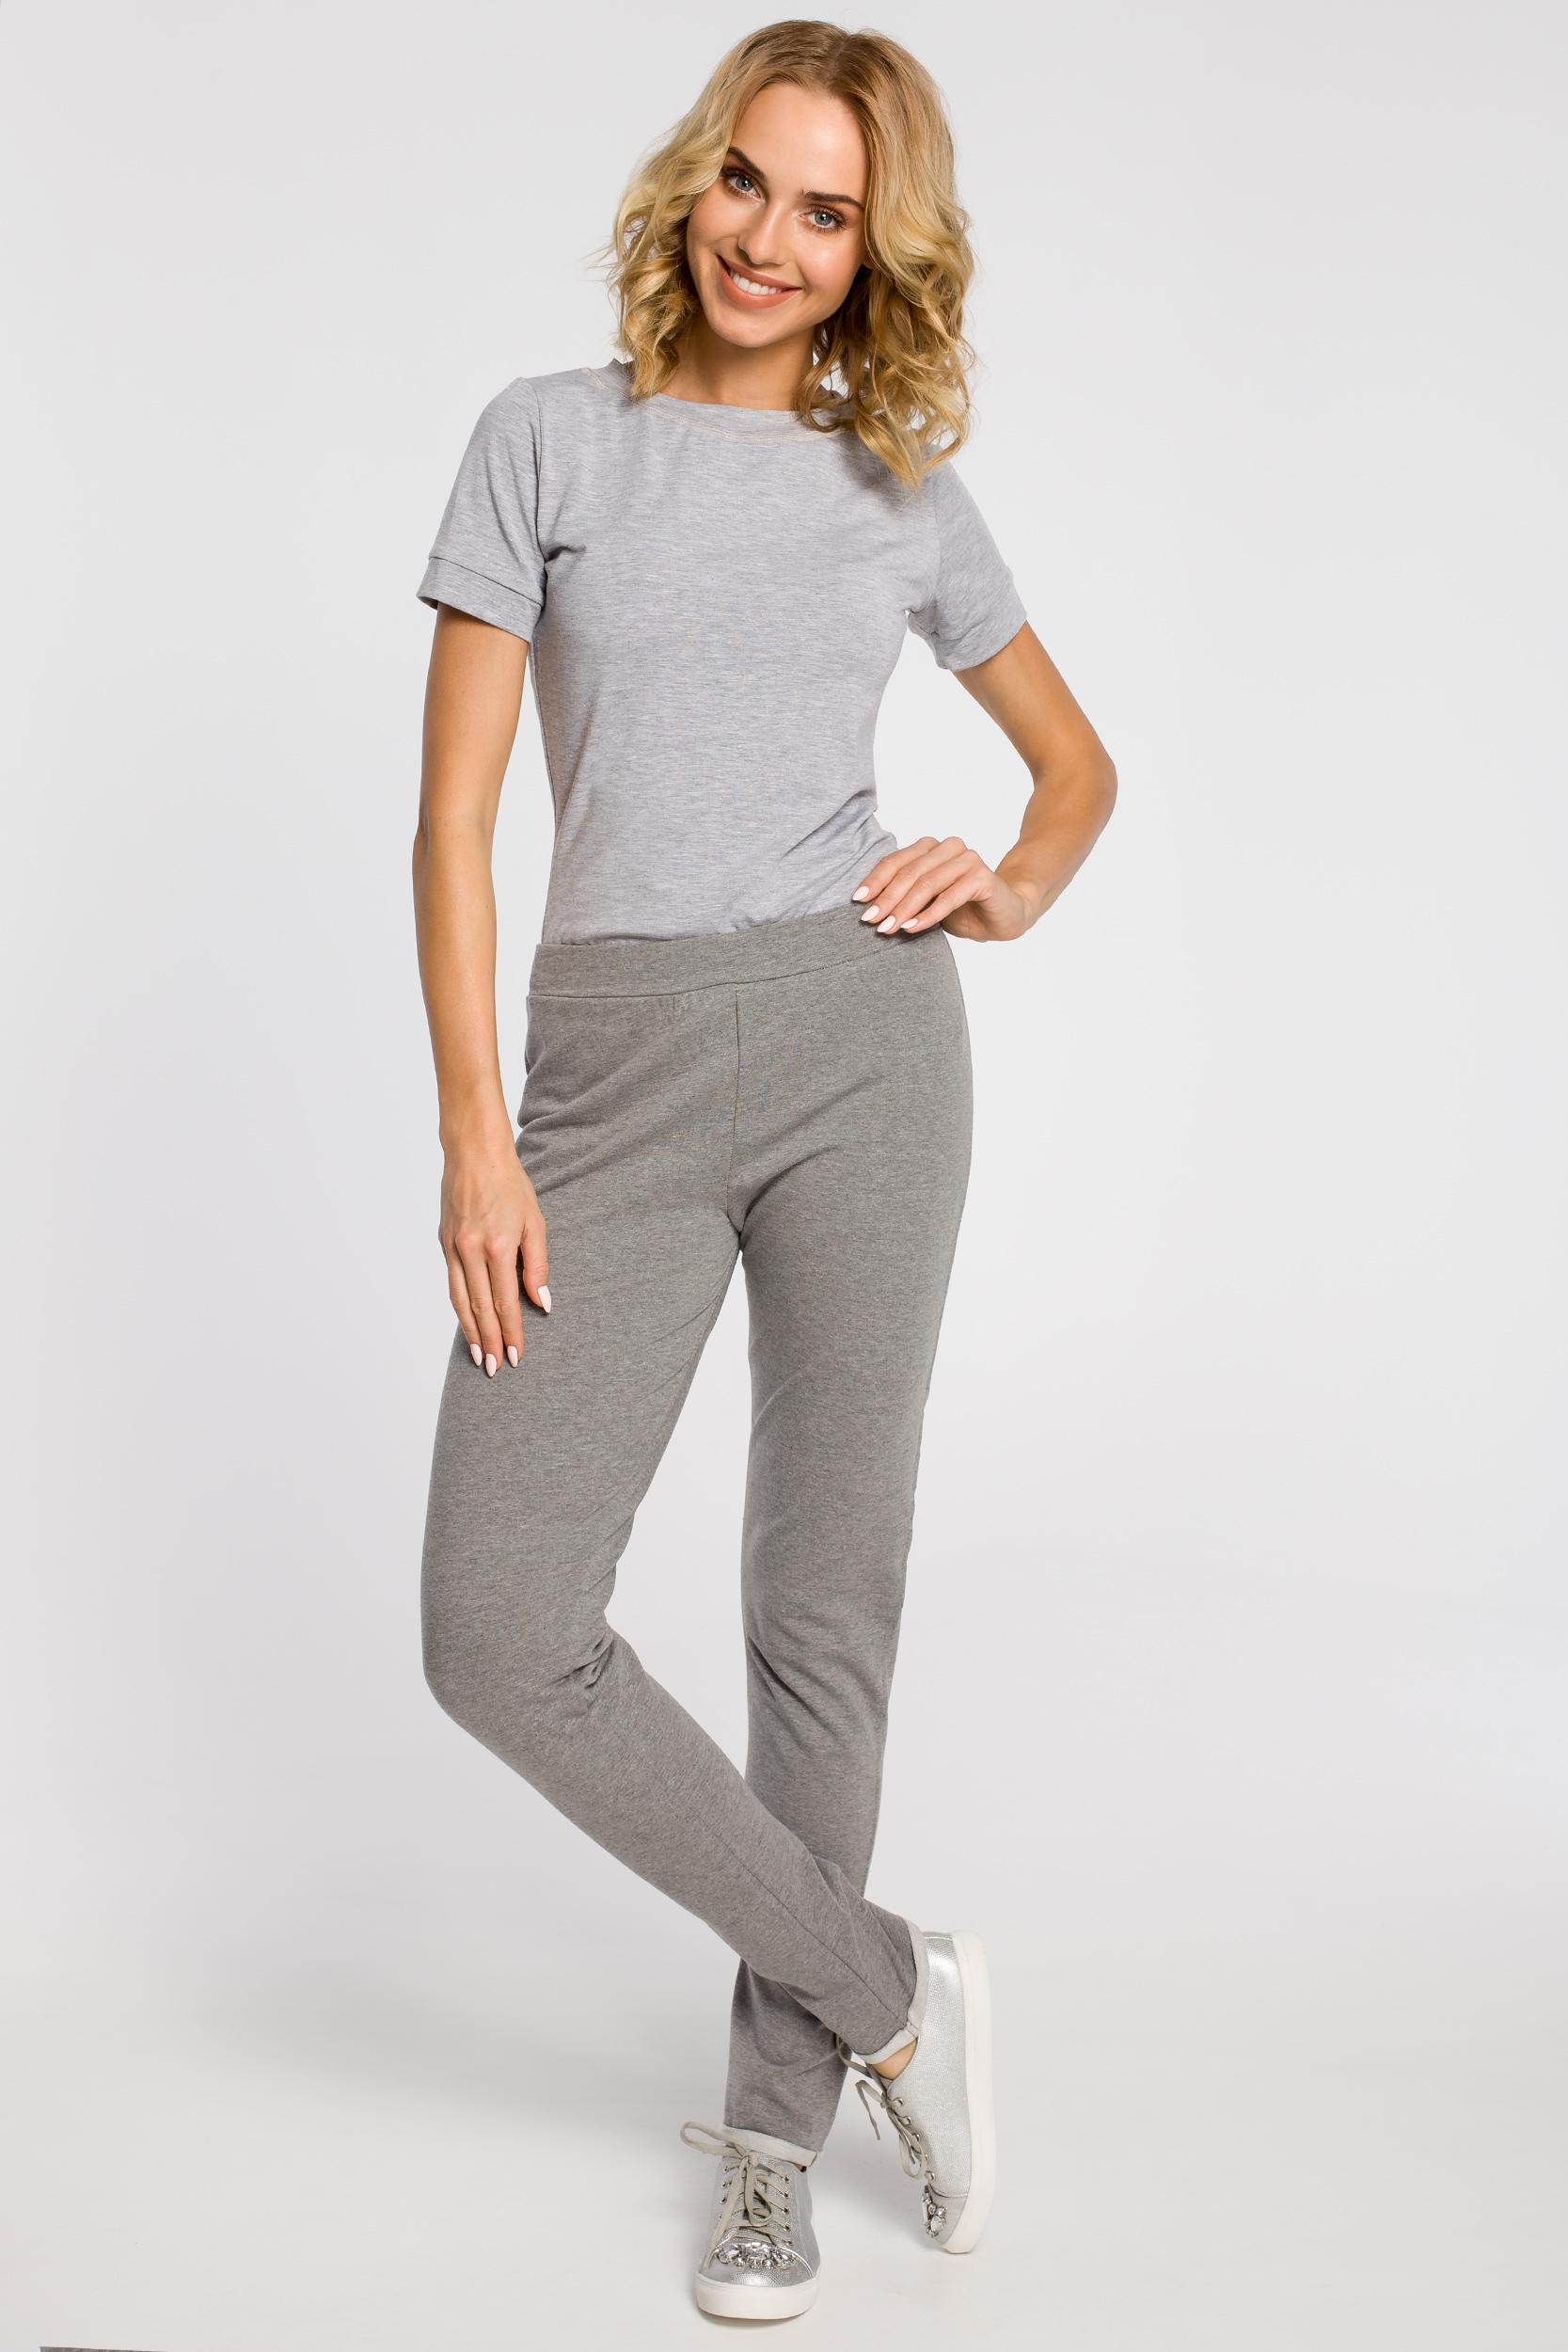 CM0358 Dresowe spodnie damskie - szare